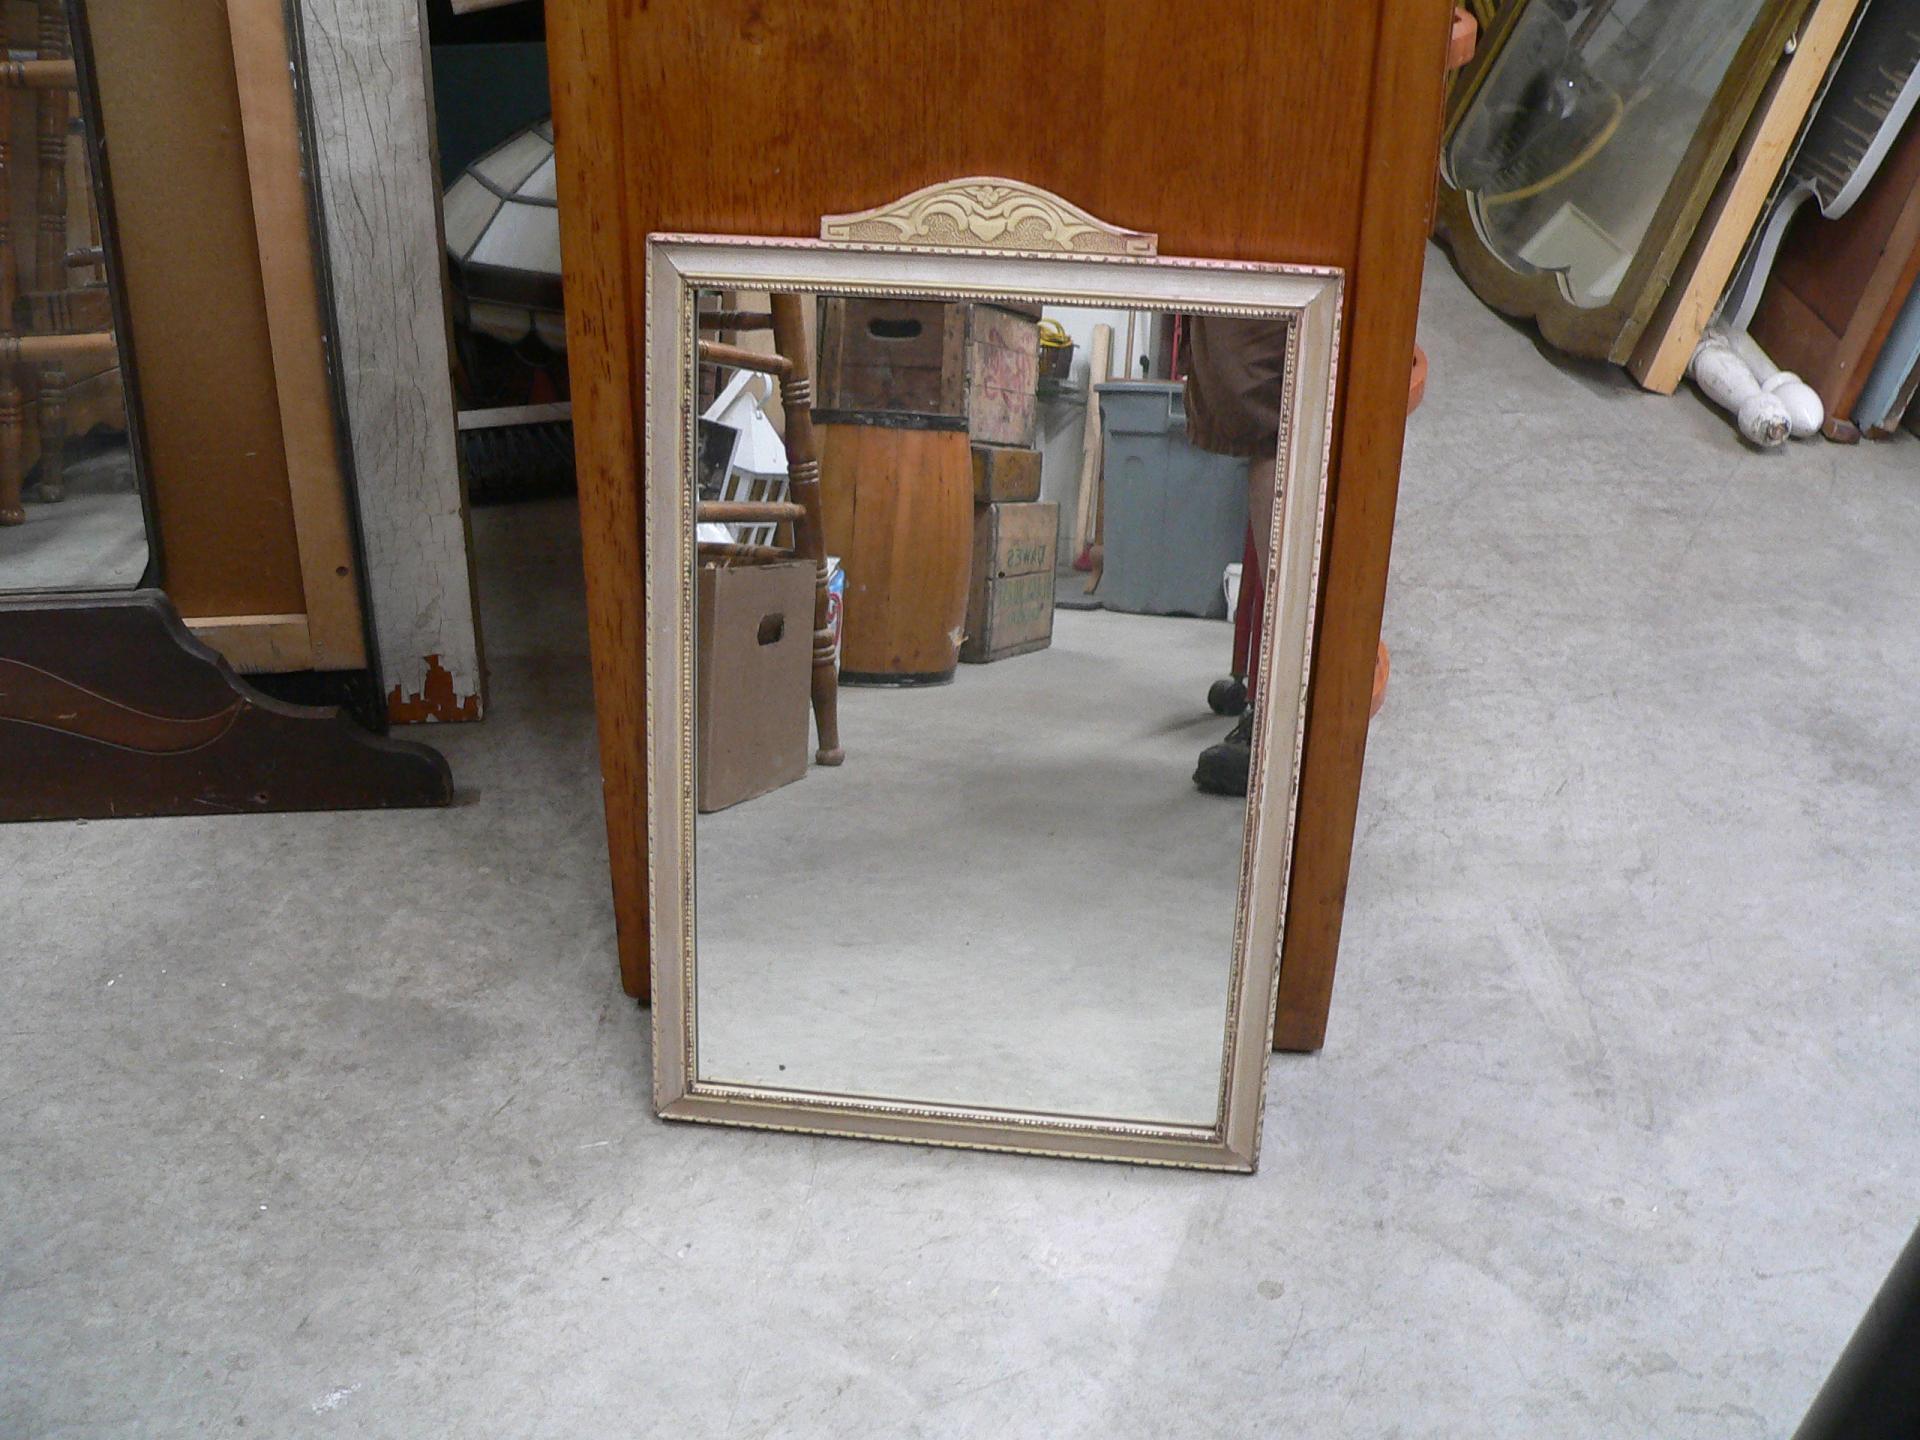 Miroir antique en bois # 2066